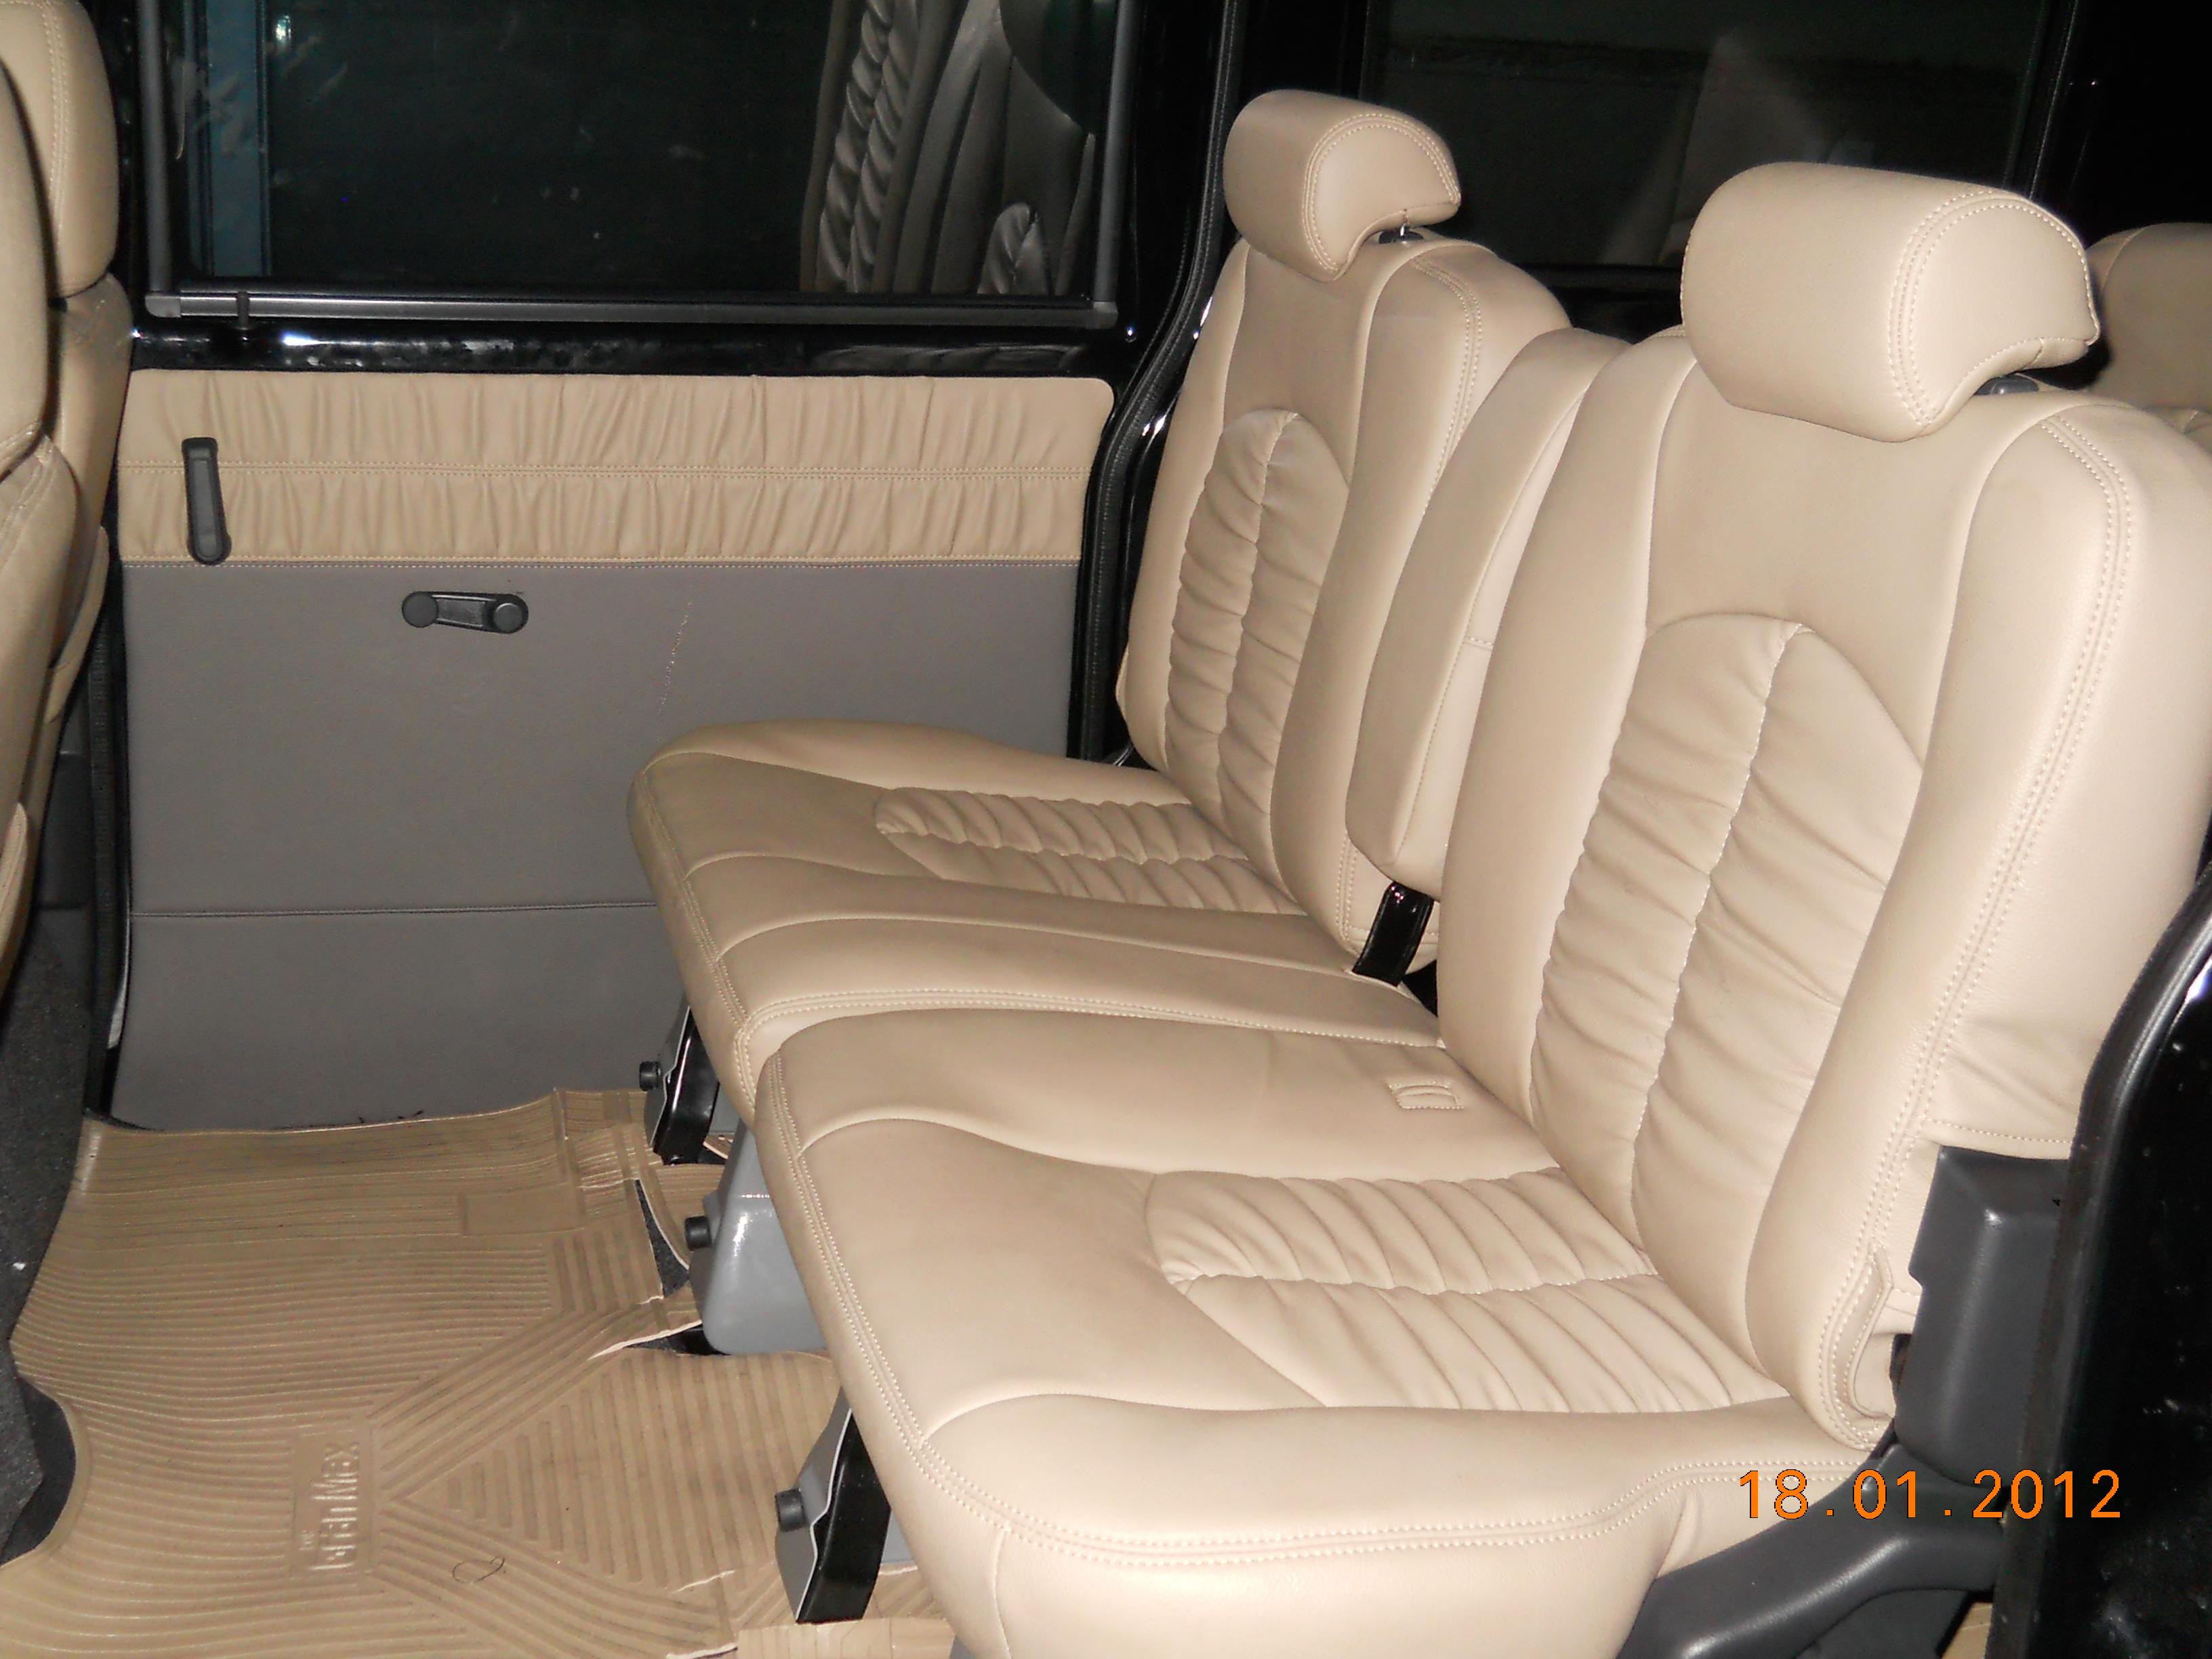 Variasi Gran Max Pick Up >> Photo Modifikasi Jok Mobil Gran Max | Modif Mobil